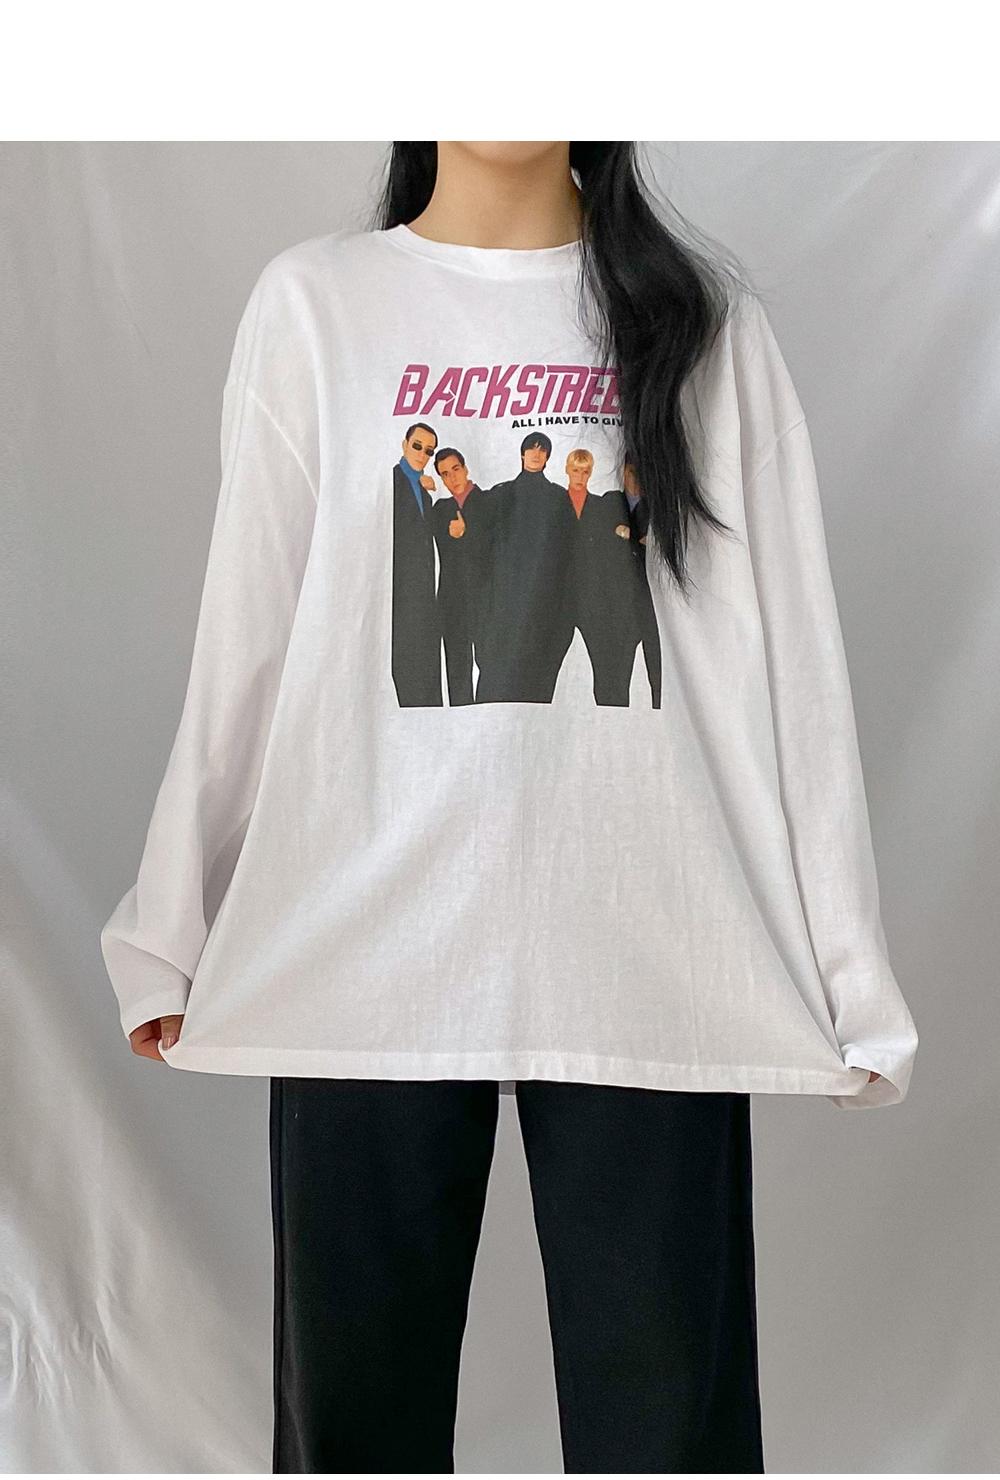 Big 55-88 Strain Overfit Print T-shirt